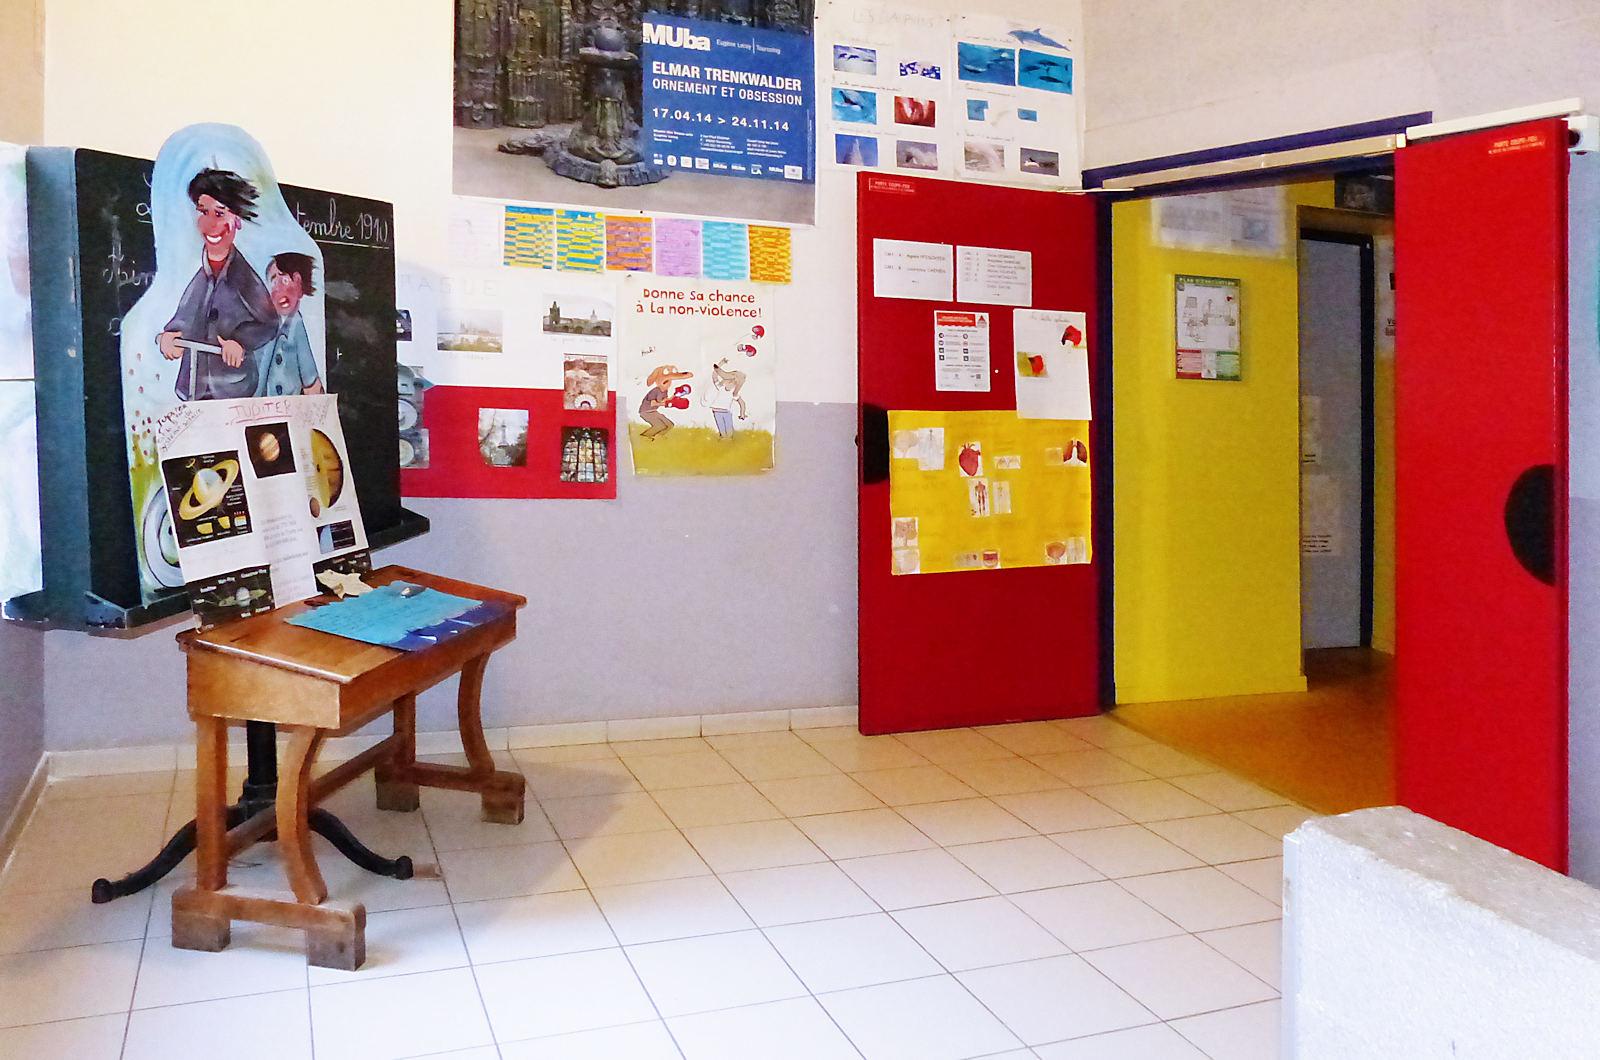 École primaire Notre Dame Immaculée, Tourcoing - Escaliers